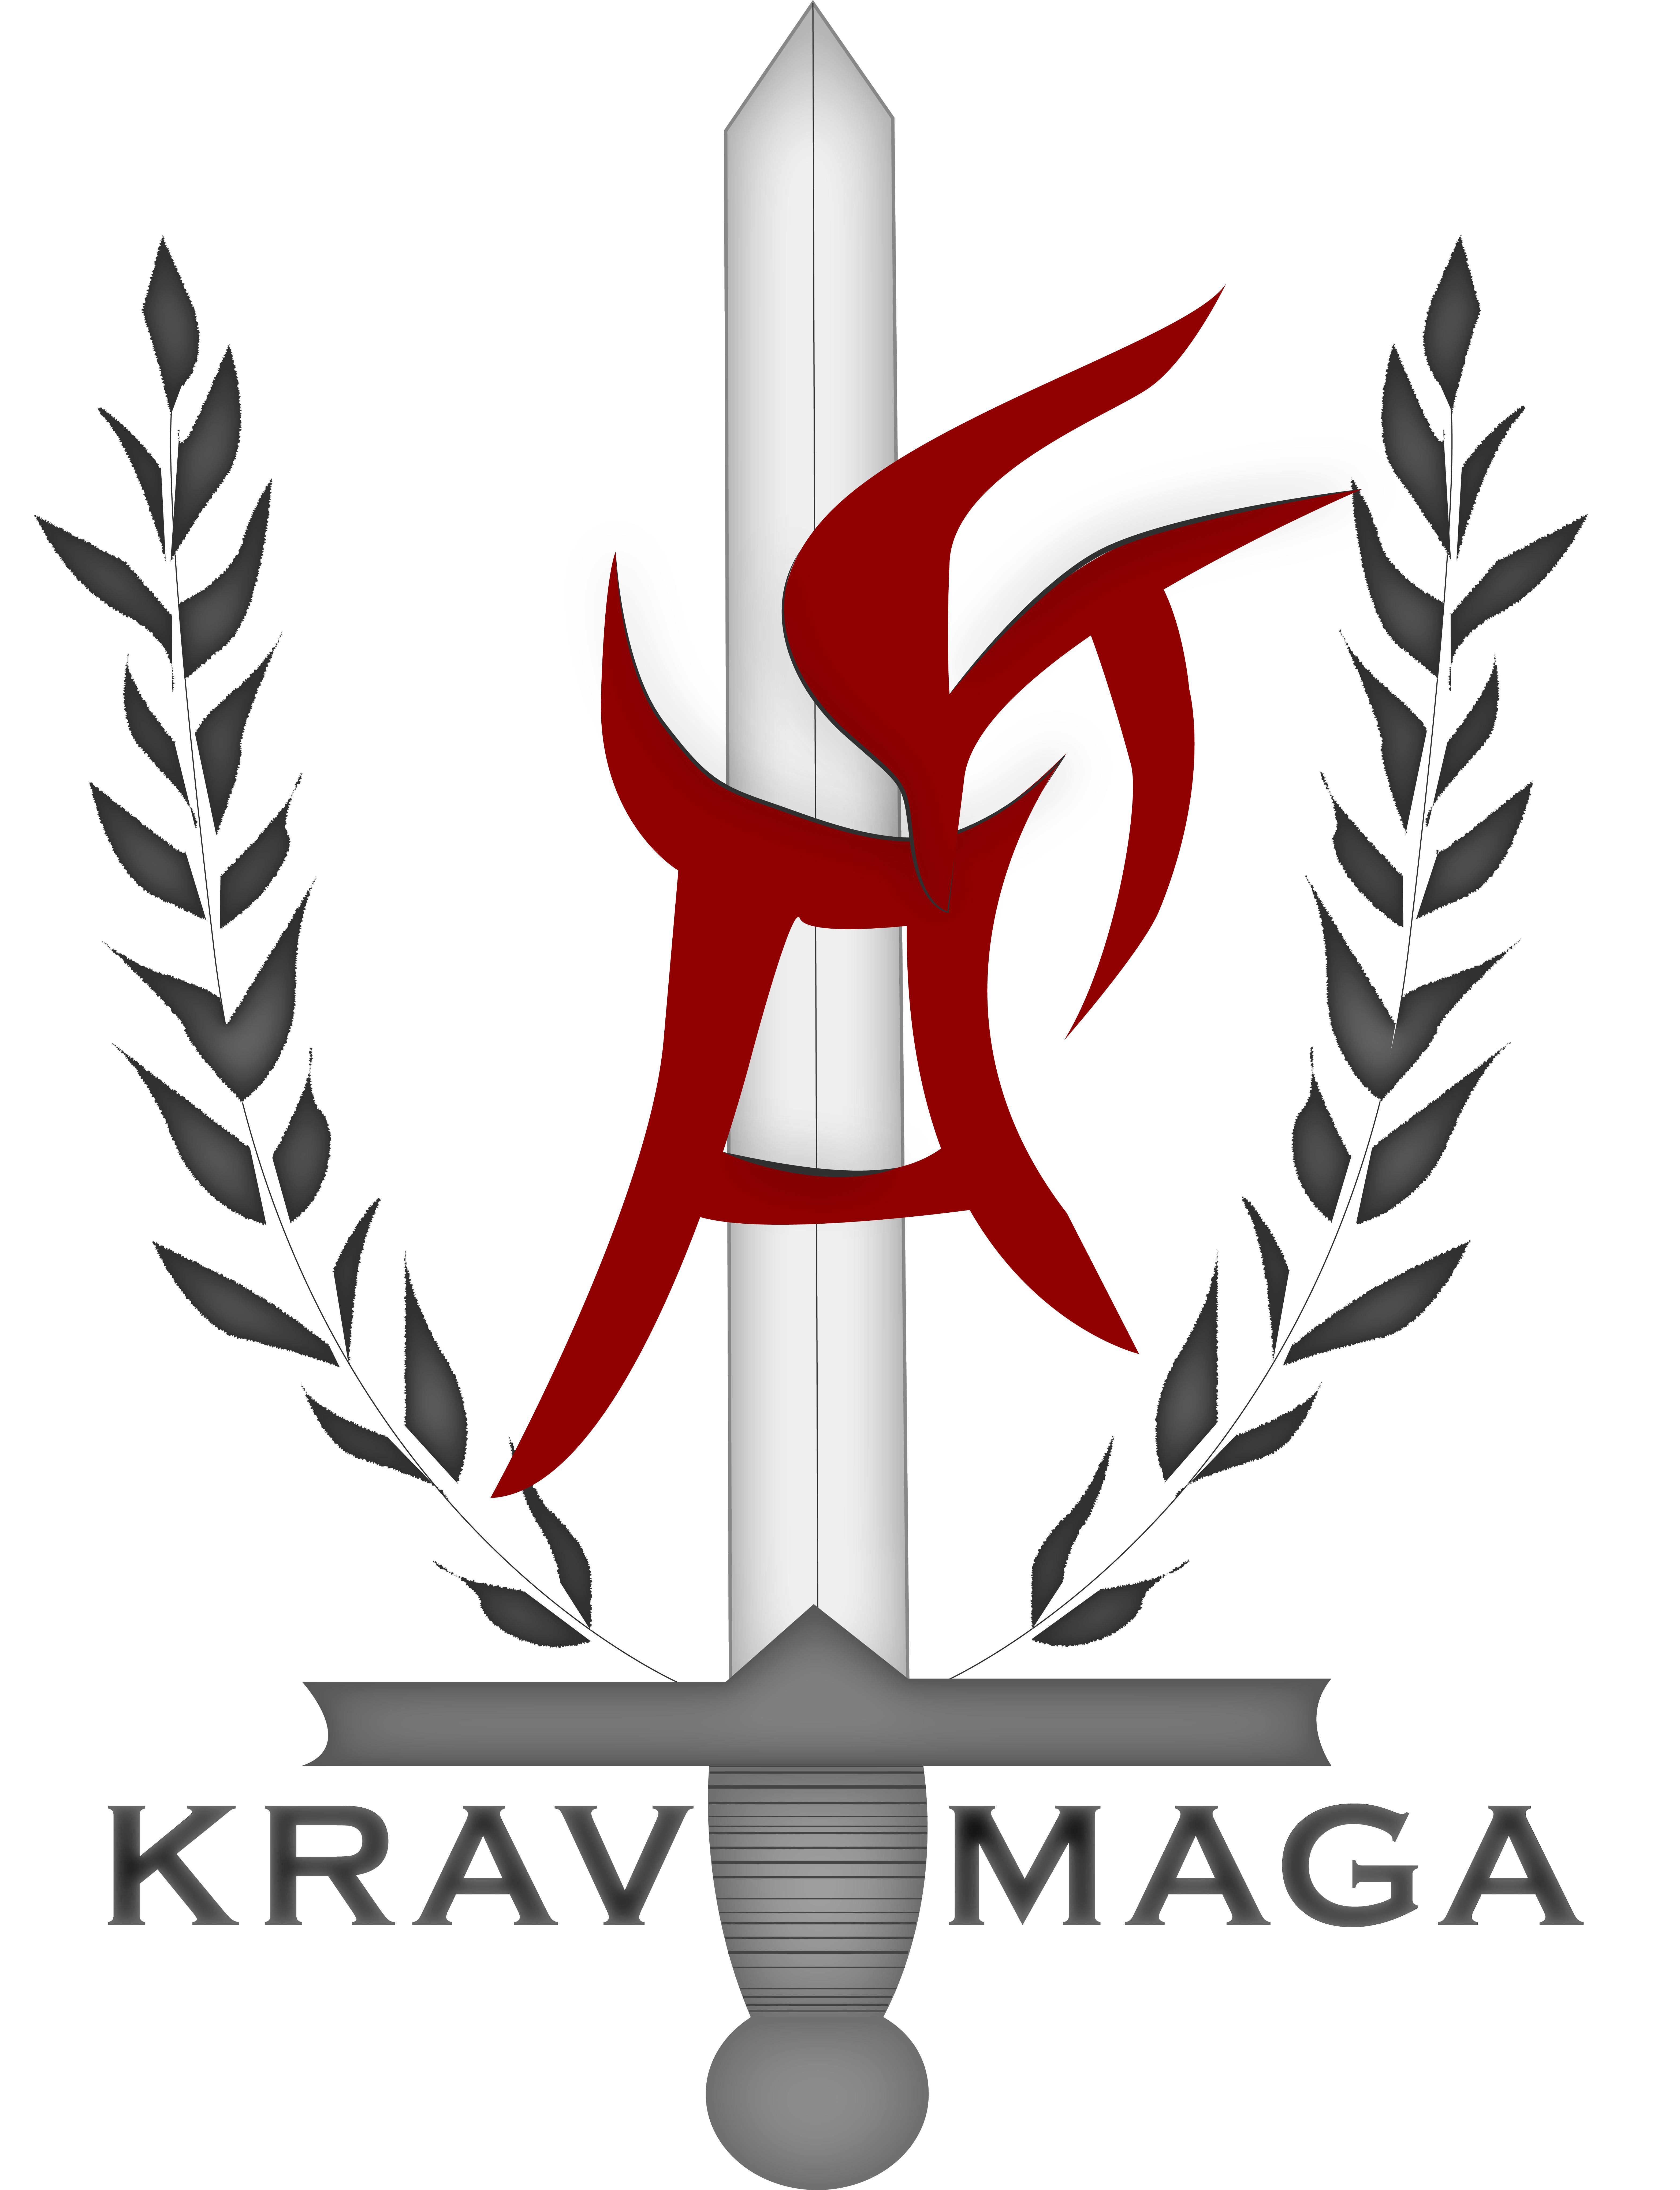 Krav maga logo_whitebackground